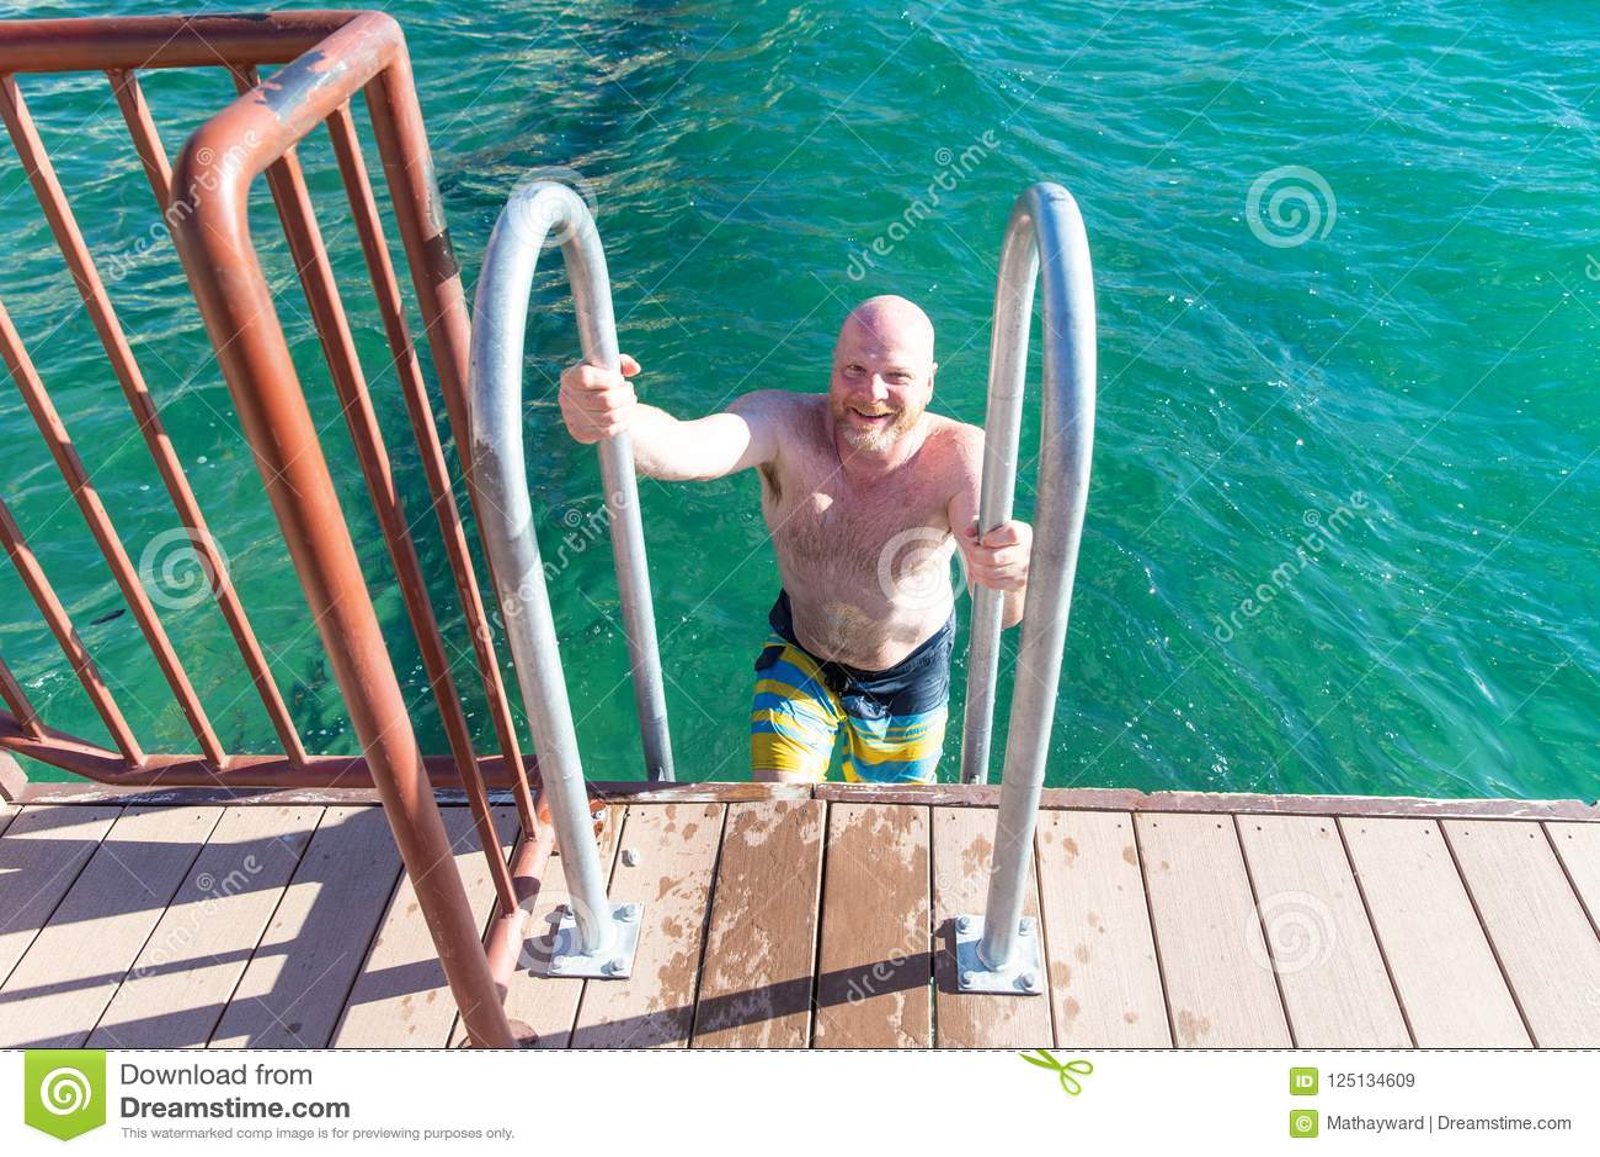 Shirtless, bald man climbing out of lake on a ladder